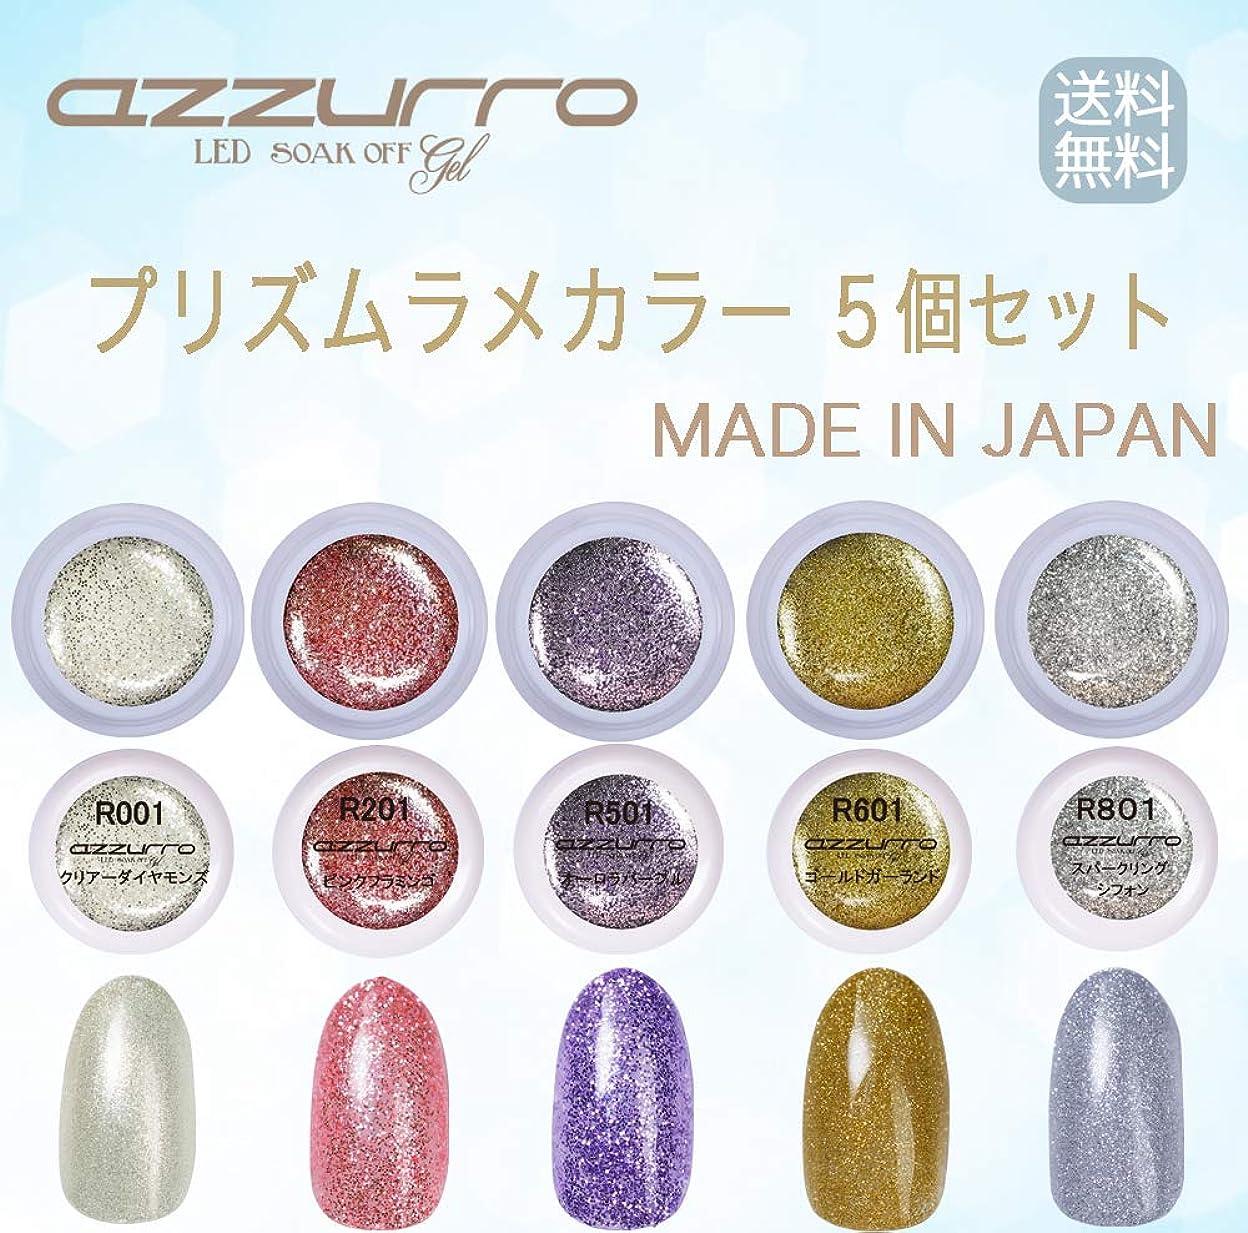 公ヘビーに対処する【送料無料】日本製 azzurro gel プリズムラメカラージェル5個セット キラキラネイルにぴったりなカラー